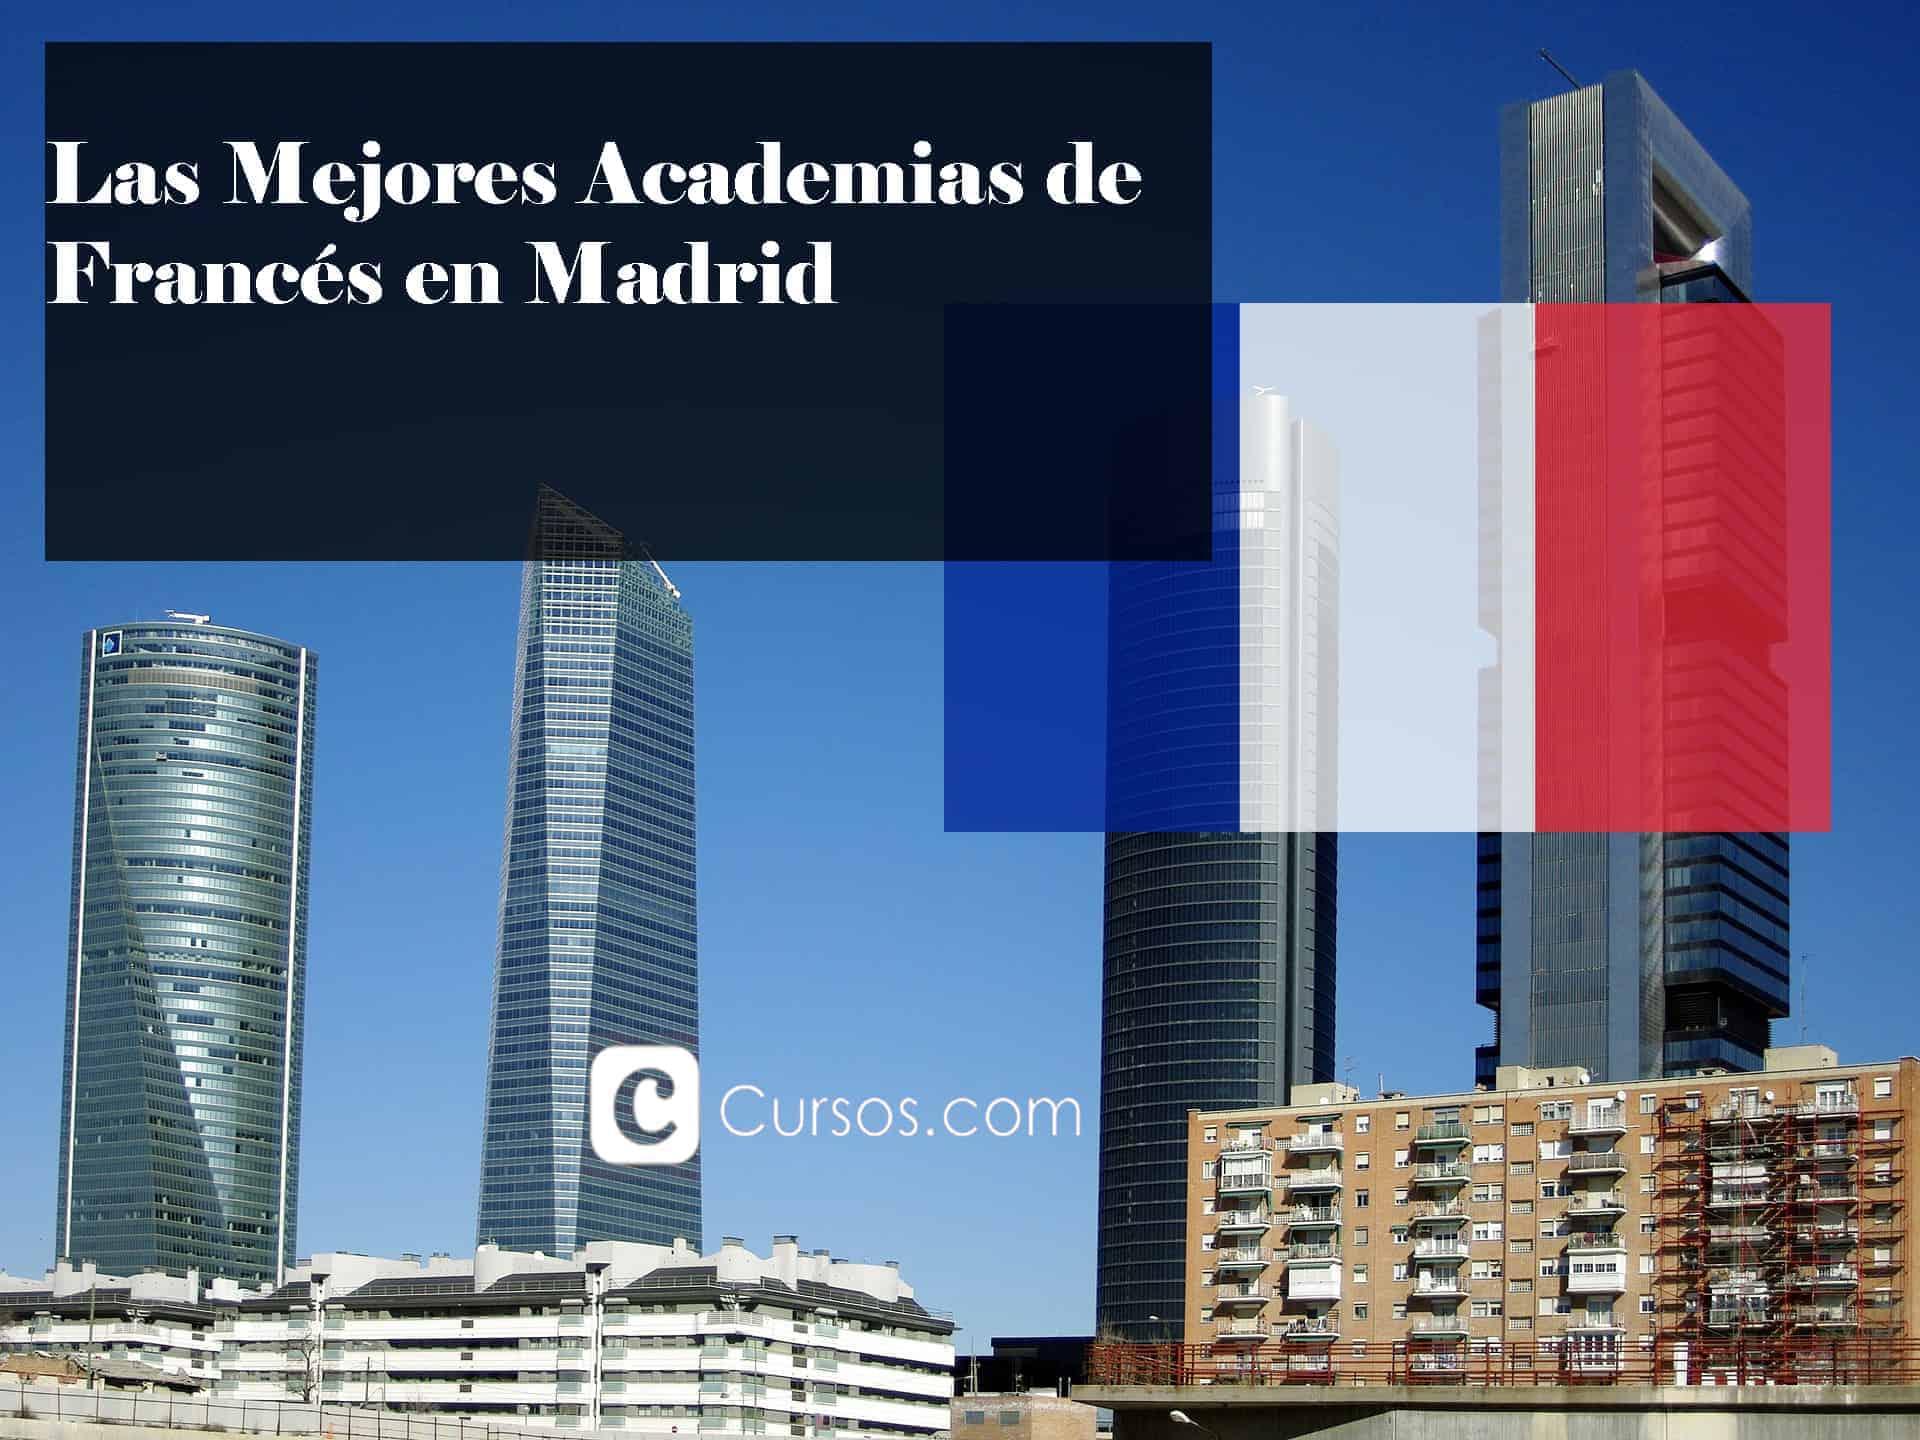 Las Mejores Academias de Francés en Madrid